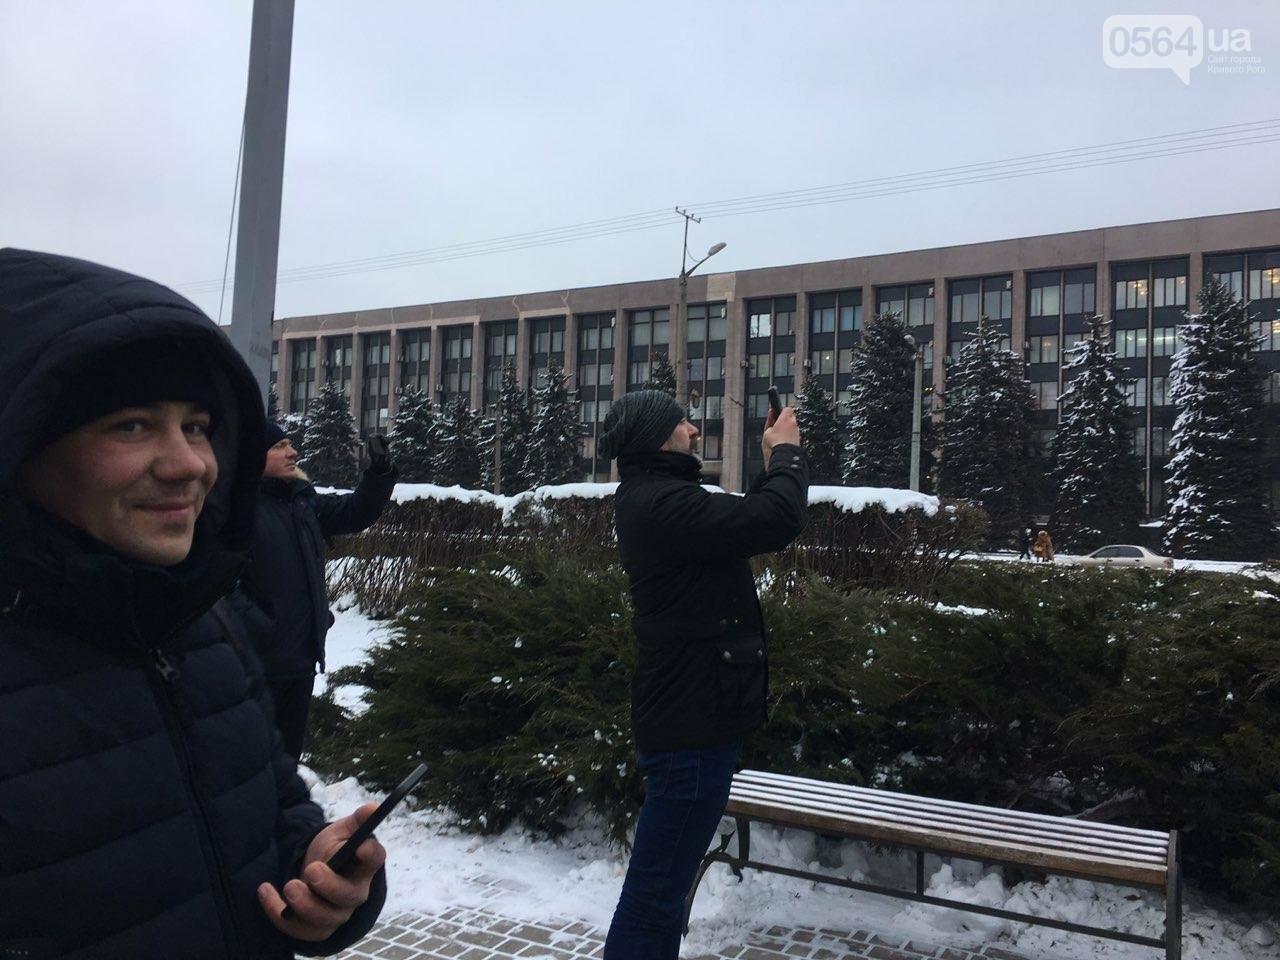 В День Святого Николая в Кривом Роге установили рекорд Украины, - ФОТО, ВИДЕО , фото-5